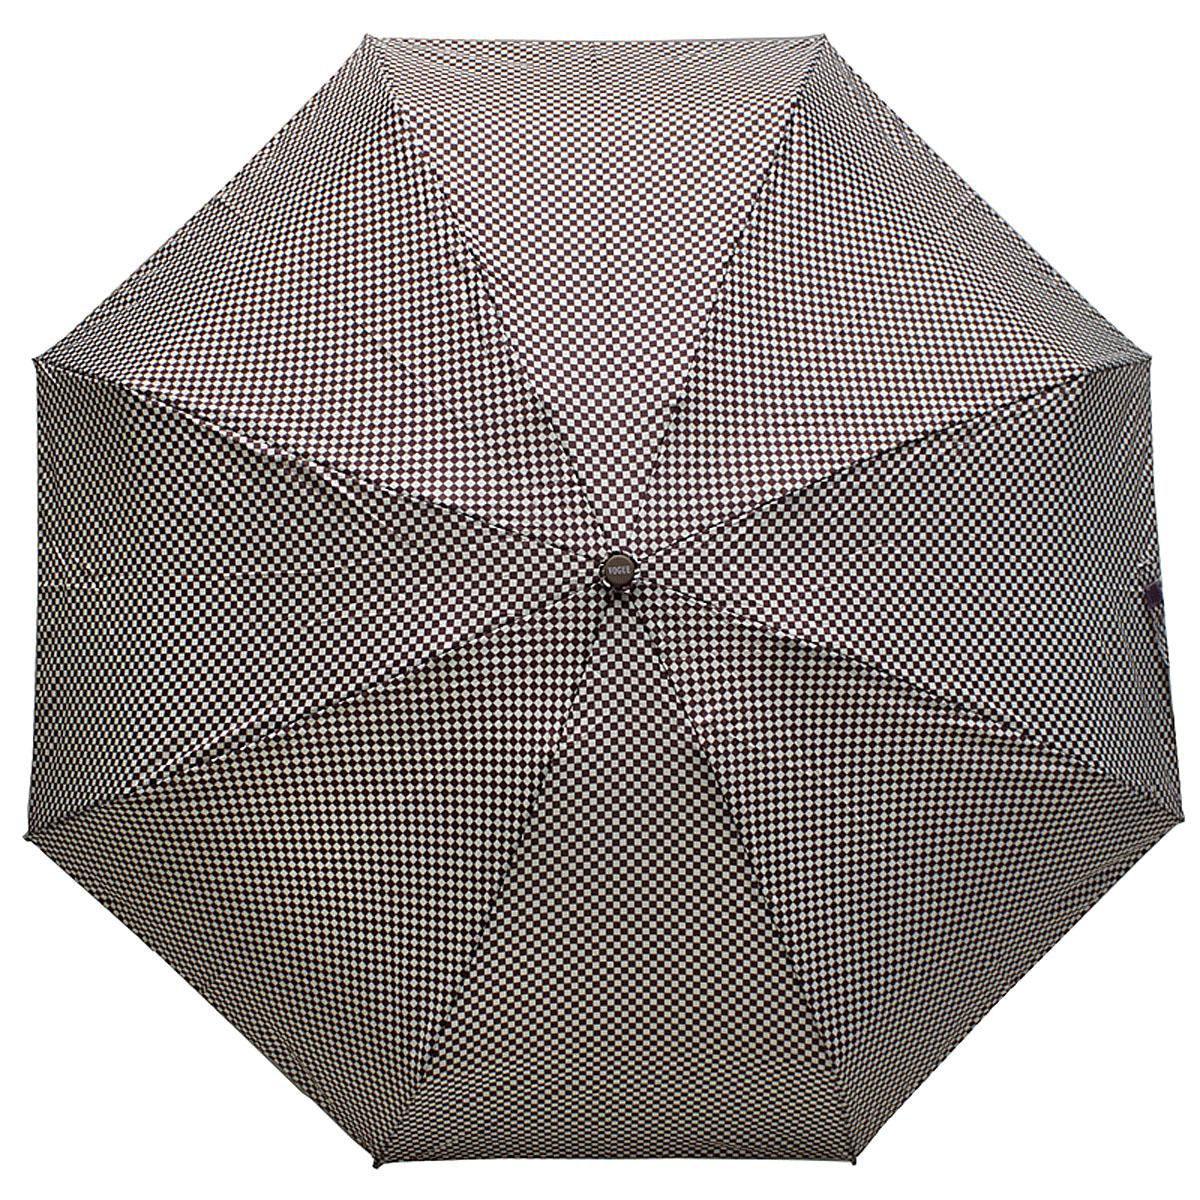 Зонт женский Vogue, цвет: коричневый, белый. 345V-3K50K503414_0010Стильный механический зонт испанского производителя Vogue оснащен каркасом с противоветровым эффектом.Каркас зонта включает 8 спиц. Стержень изготовлен из стали, купол выполнен из прочного полиэстера.Зонт является механическим: купол открывается и закрывается вручную до характерного щелчка. Такой зонт не только надежно защитит вас от дождя, но и станет стильным аксессуаром, который идеально подчеркнет ваш неповторимый образ. Рекомендации по использованию: Мокрый зонт нельзя оставлять сложенным. Зонт после использования рекомендуется сушить в полураскрытом виде вдали от нагревательных приборов. Чистить зонт рекомендуется губкой, используя мягкие нещелочные растворы.